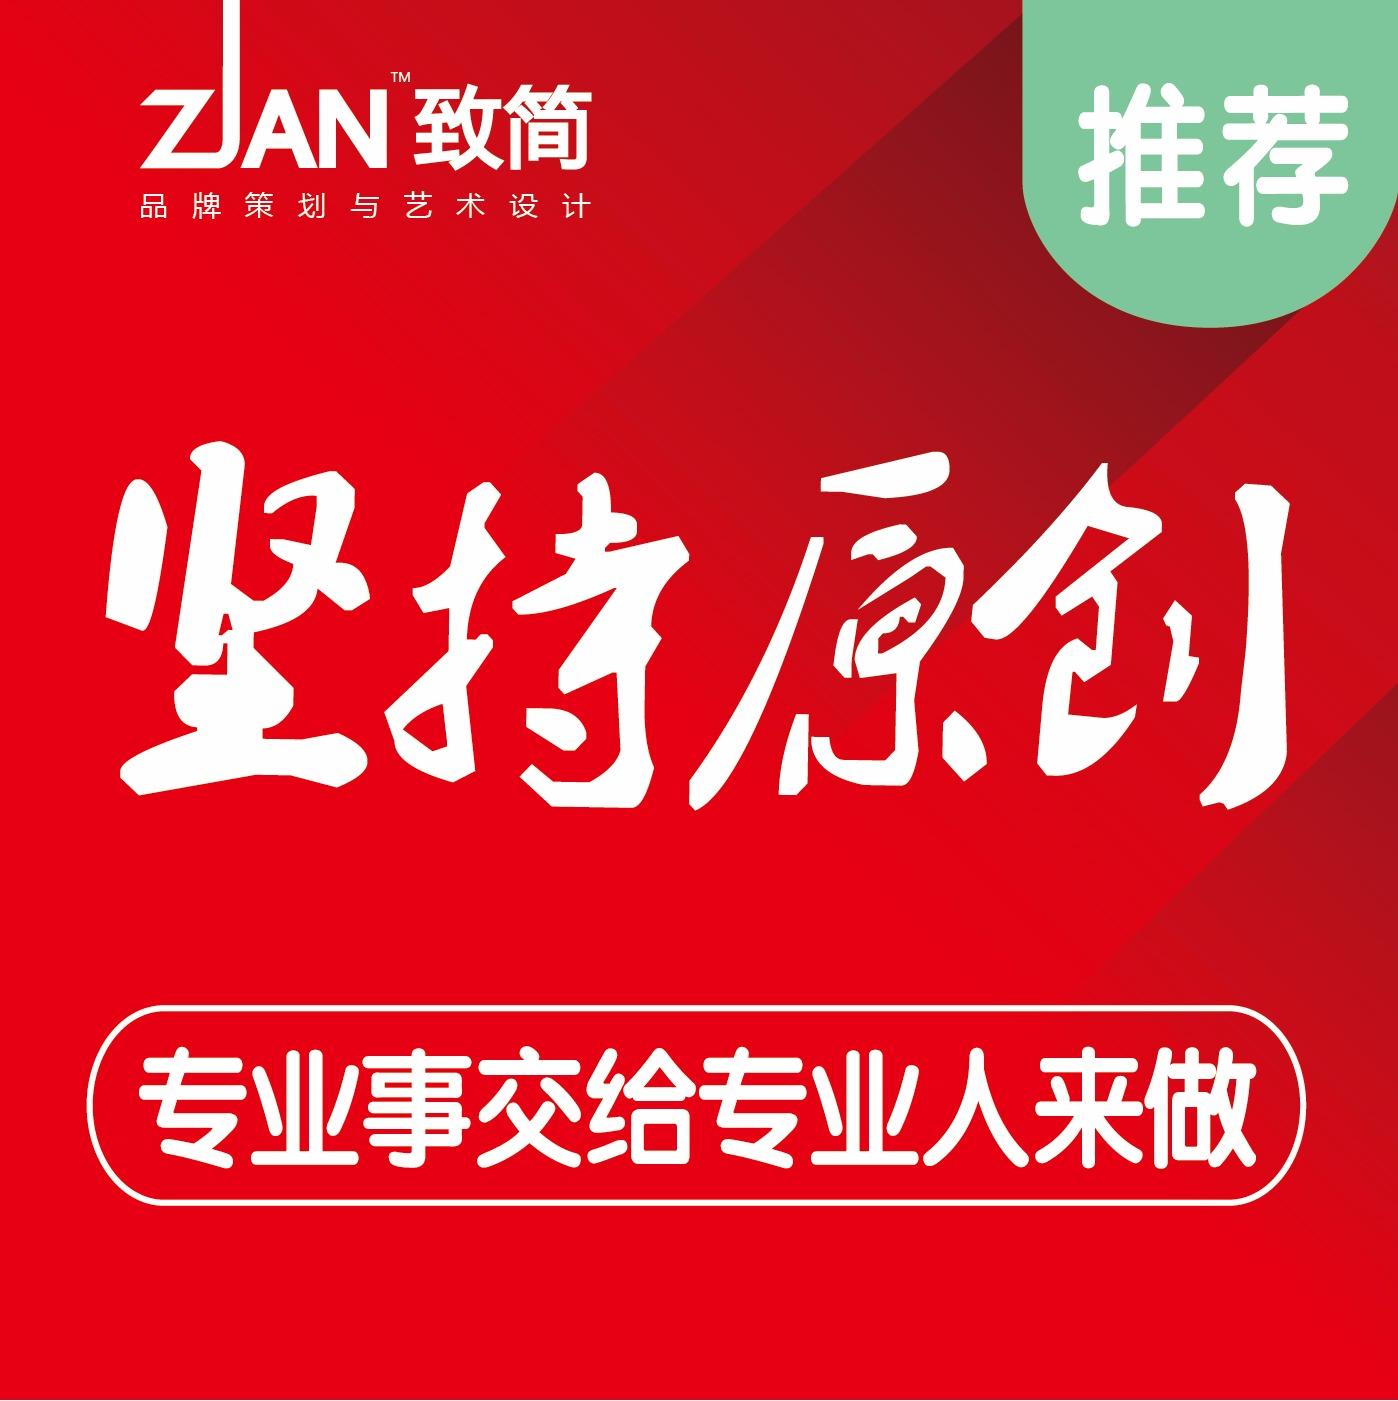 【致简logo设计】美容美发品牌洗发水护发素产品企业公司标志